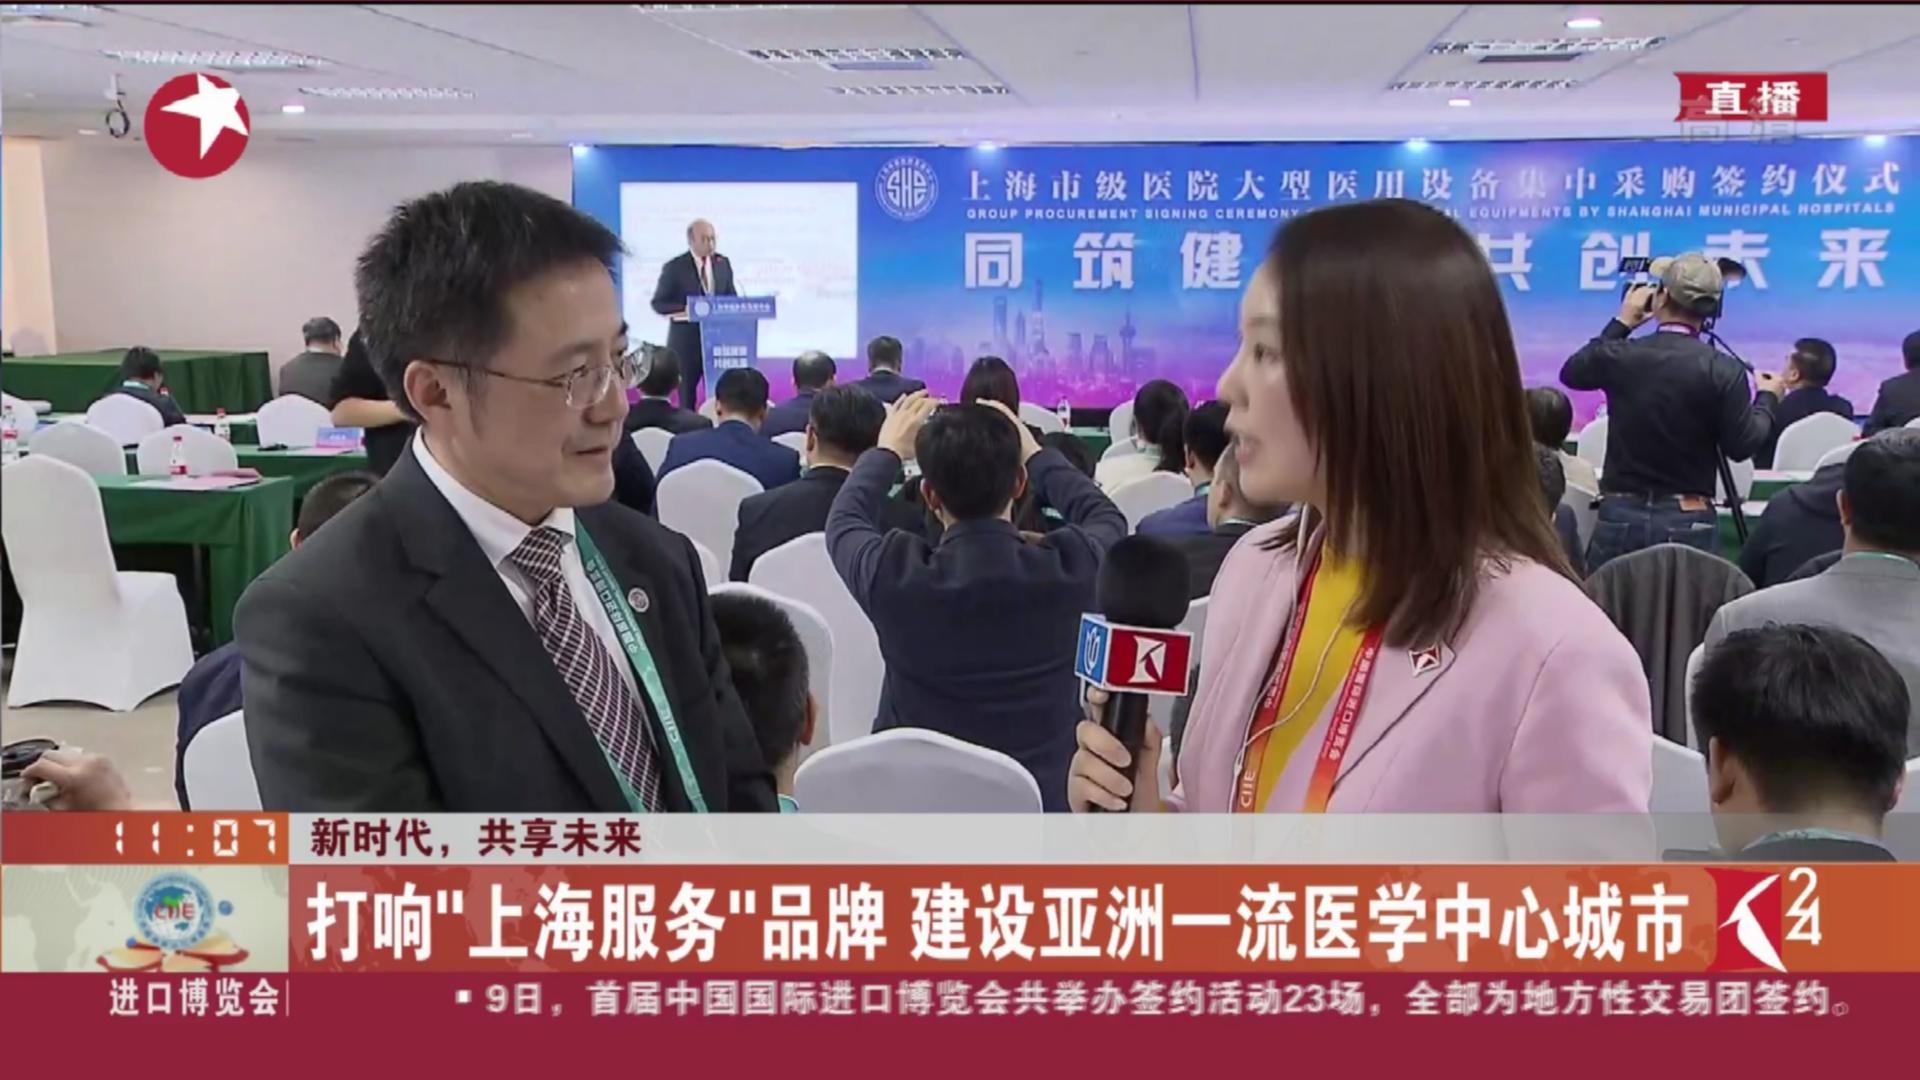 上海17家市级医院集中签约采购33台进口大型医用设备